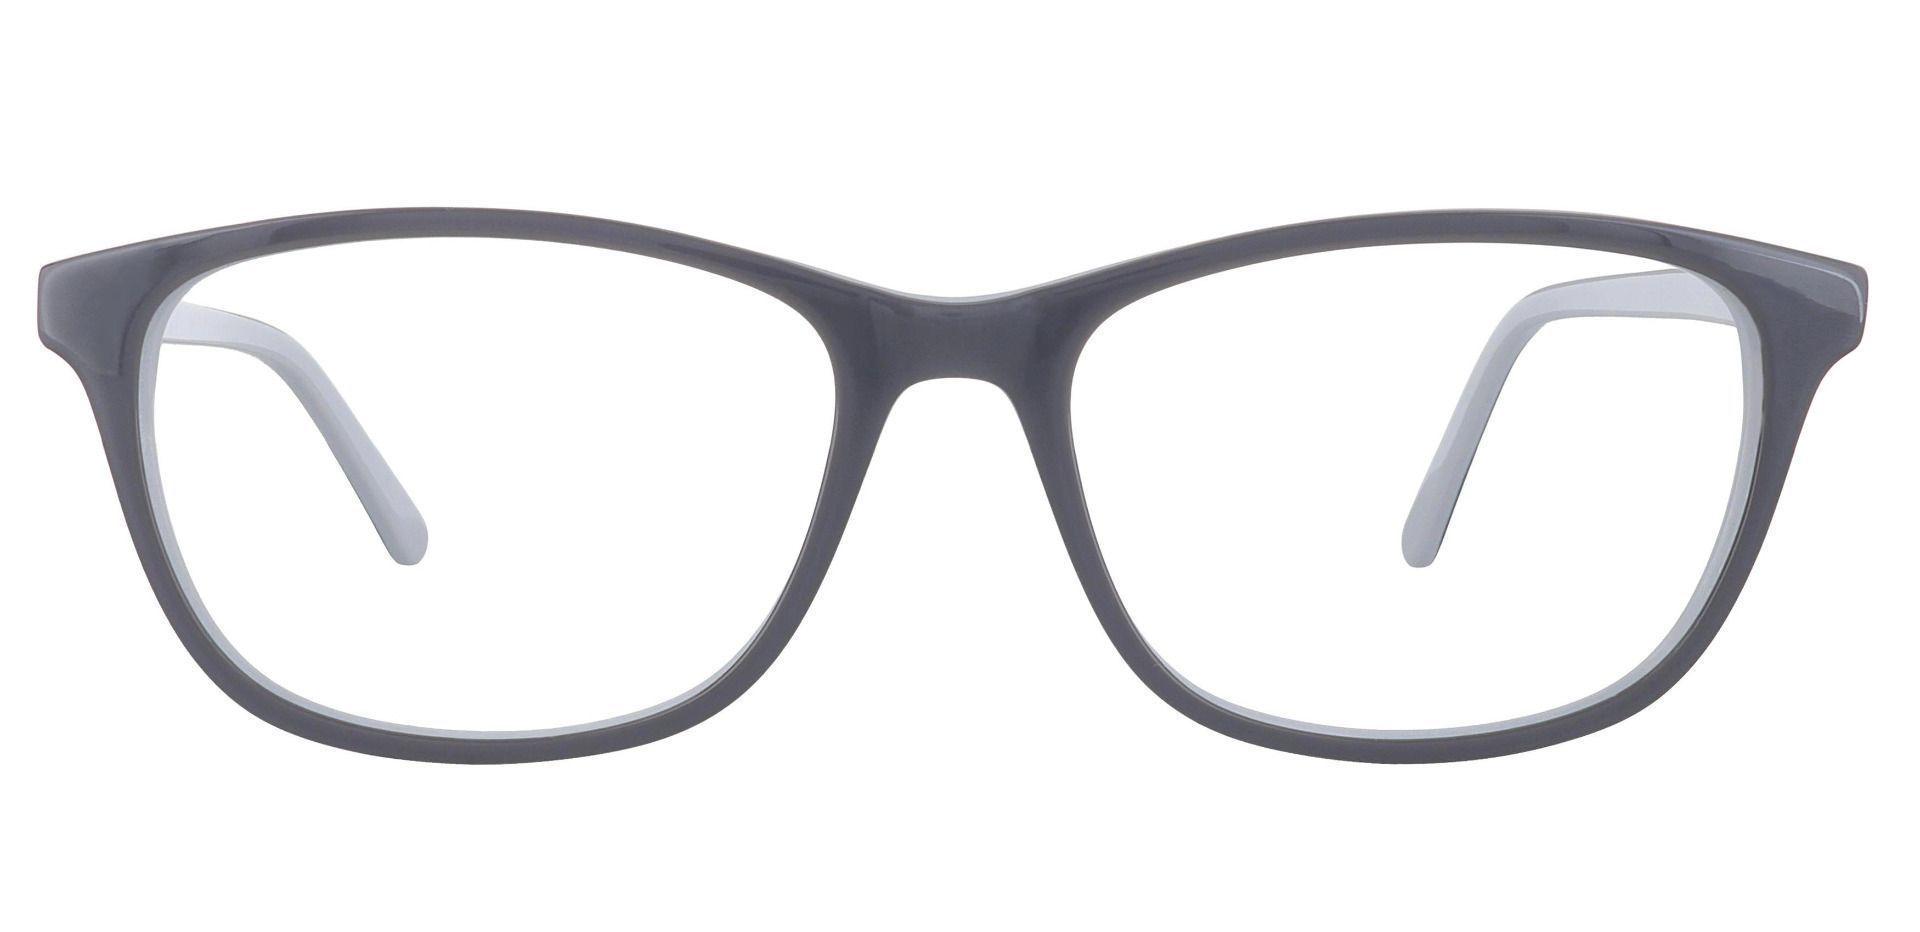 Valor Rectangle Prescription Glasses - Gray